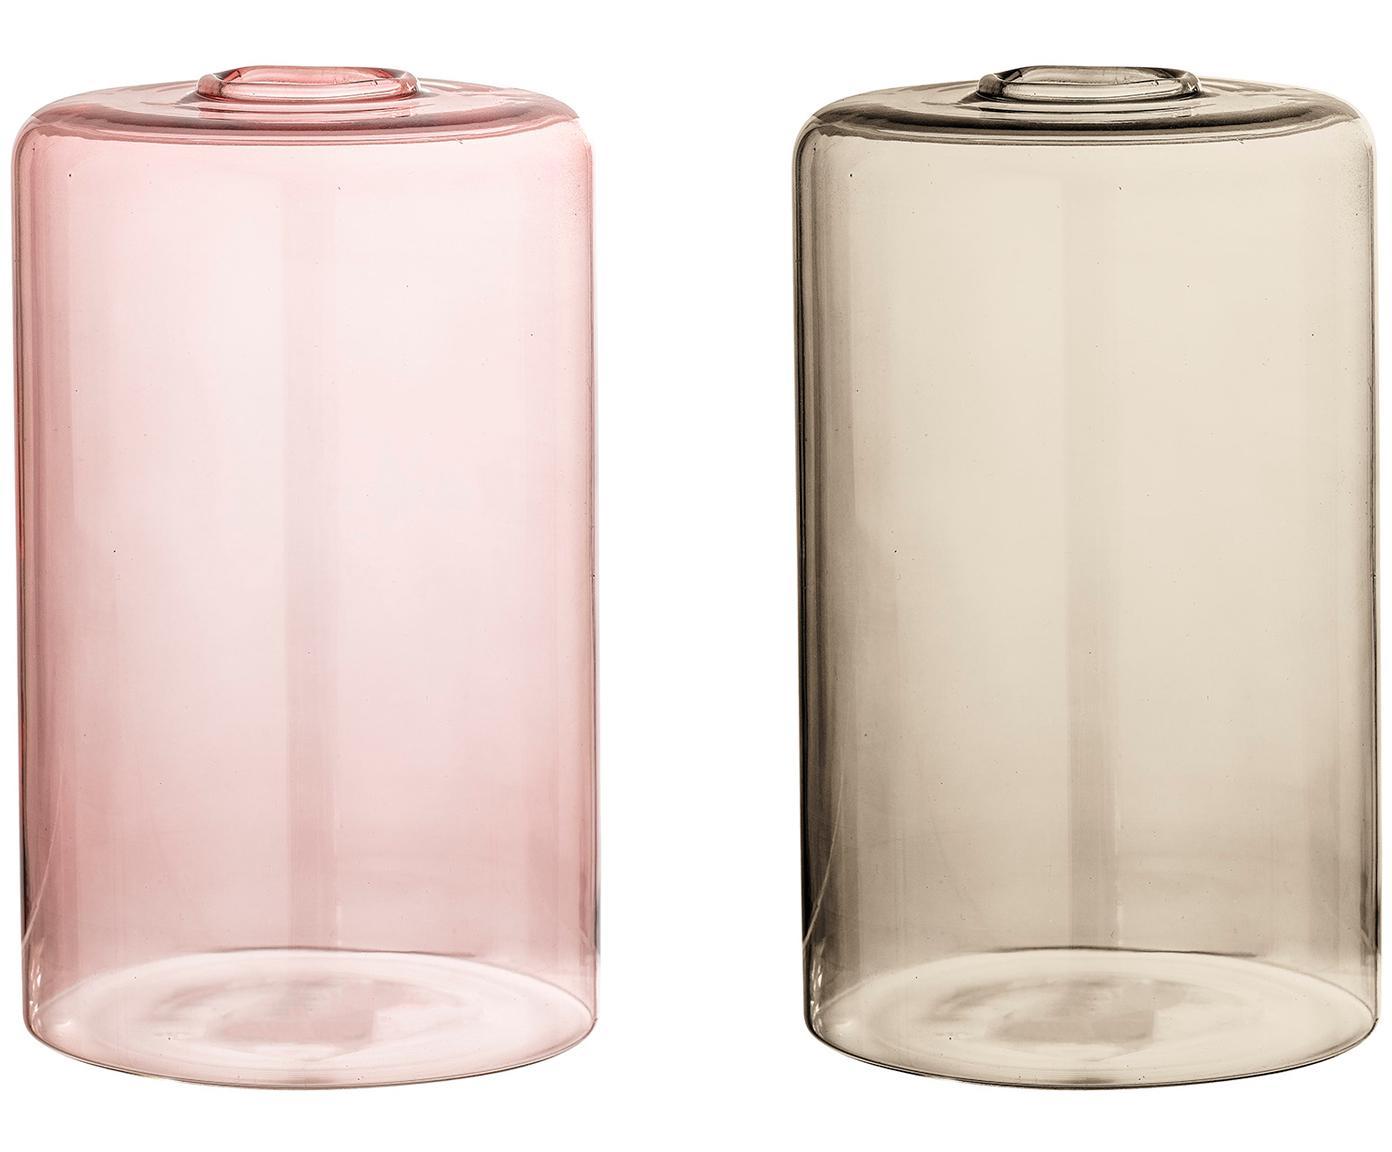 Vazenset Uwe, 2-delig, Glas, Roze, lichtbruin, Ø 10 x H 16 cm